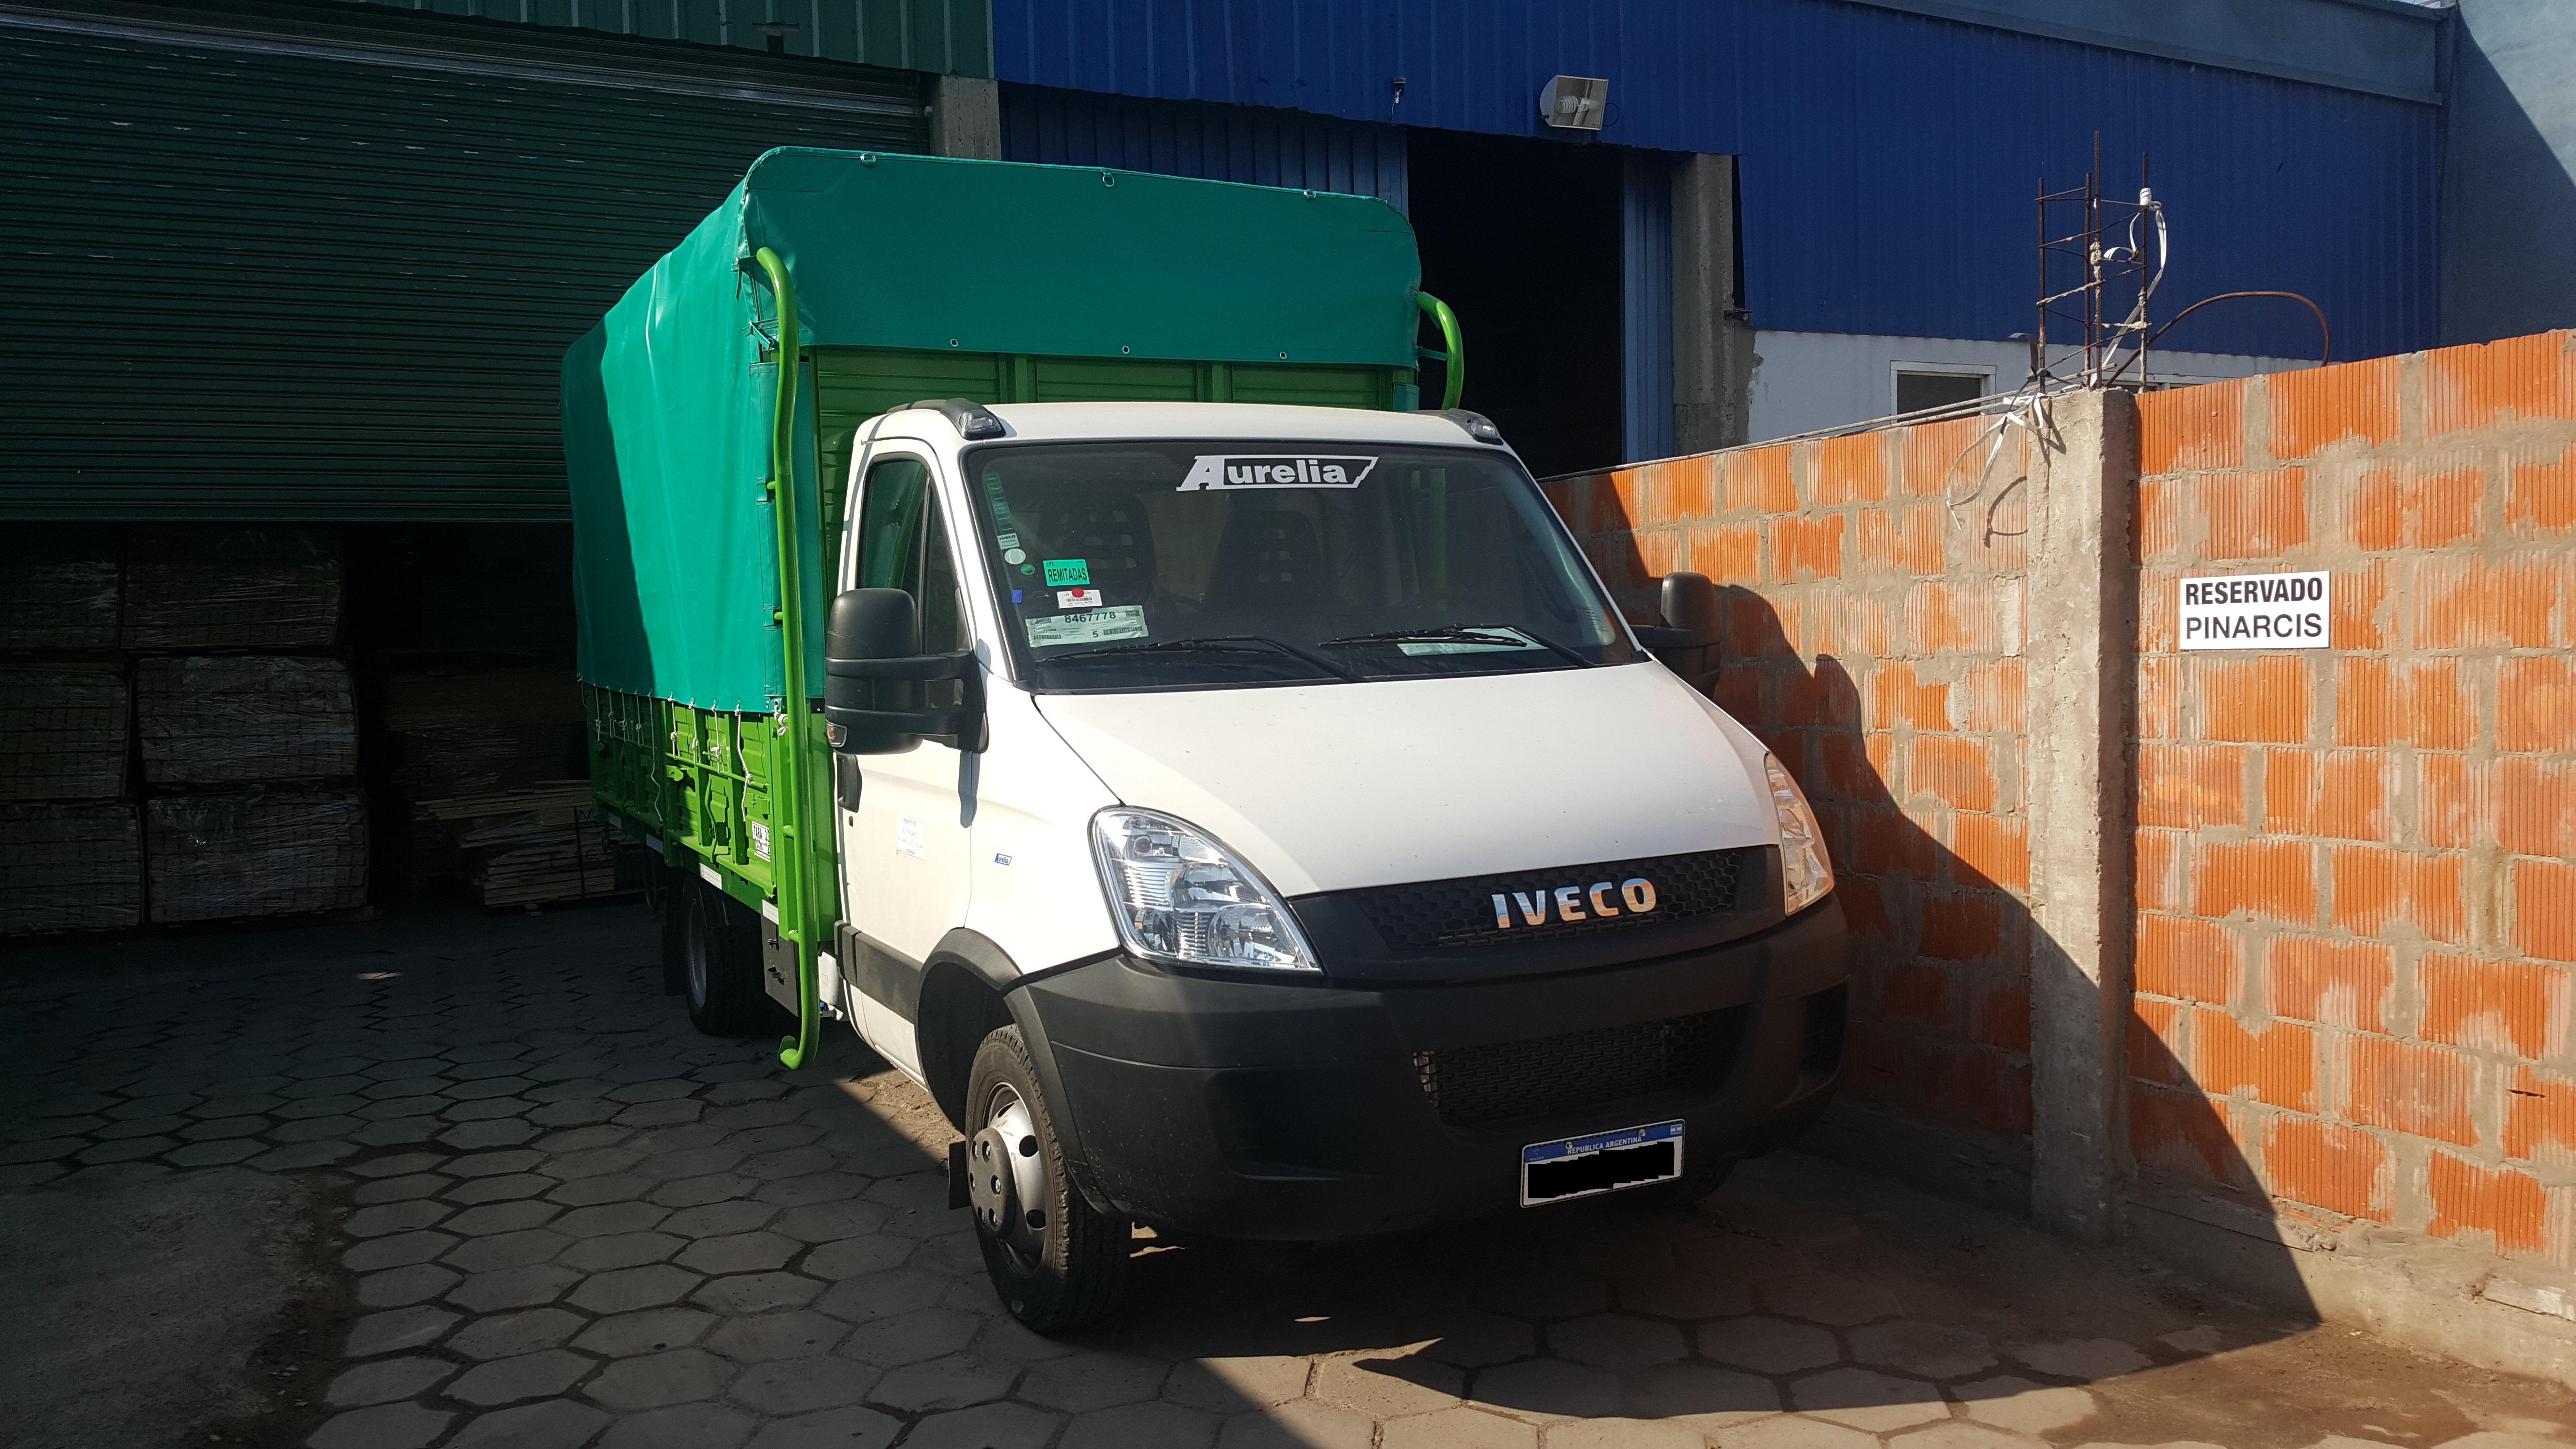 Transporte muebles stunning transportes y mudanzas for Transporte de muebles barcelona